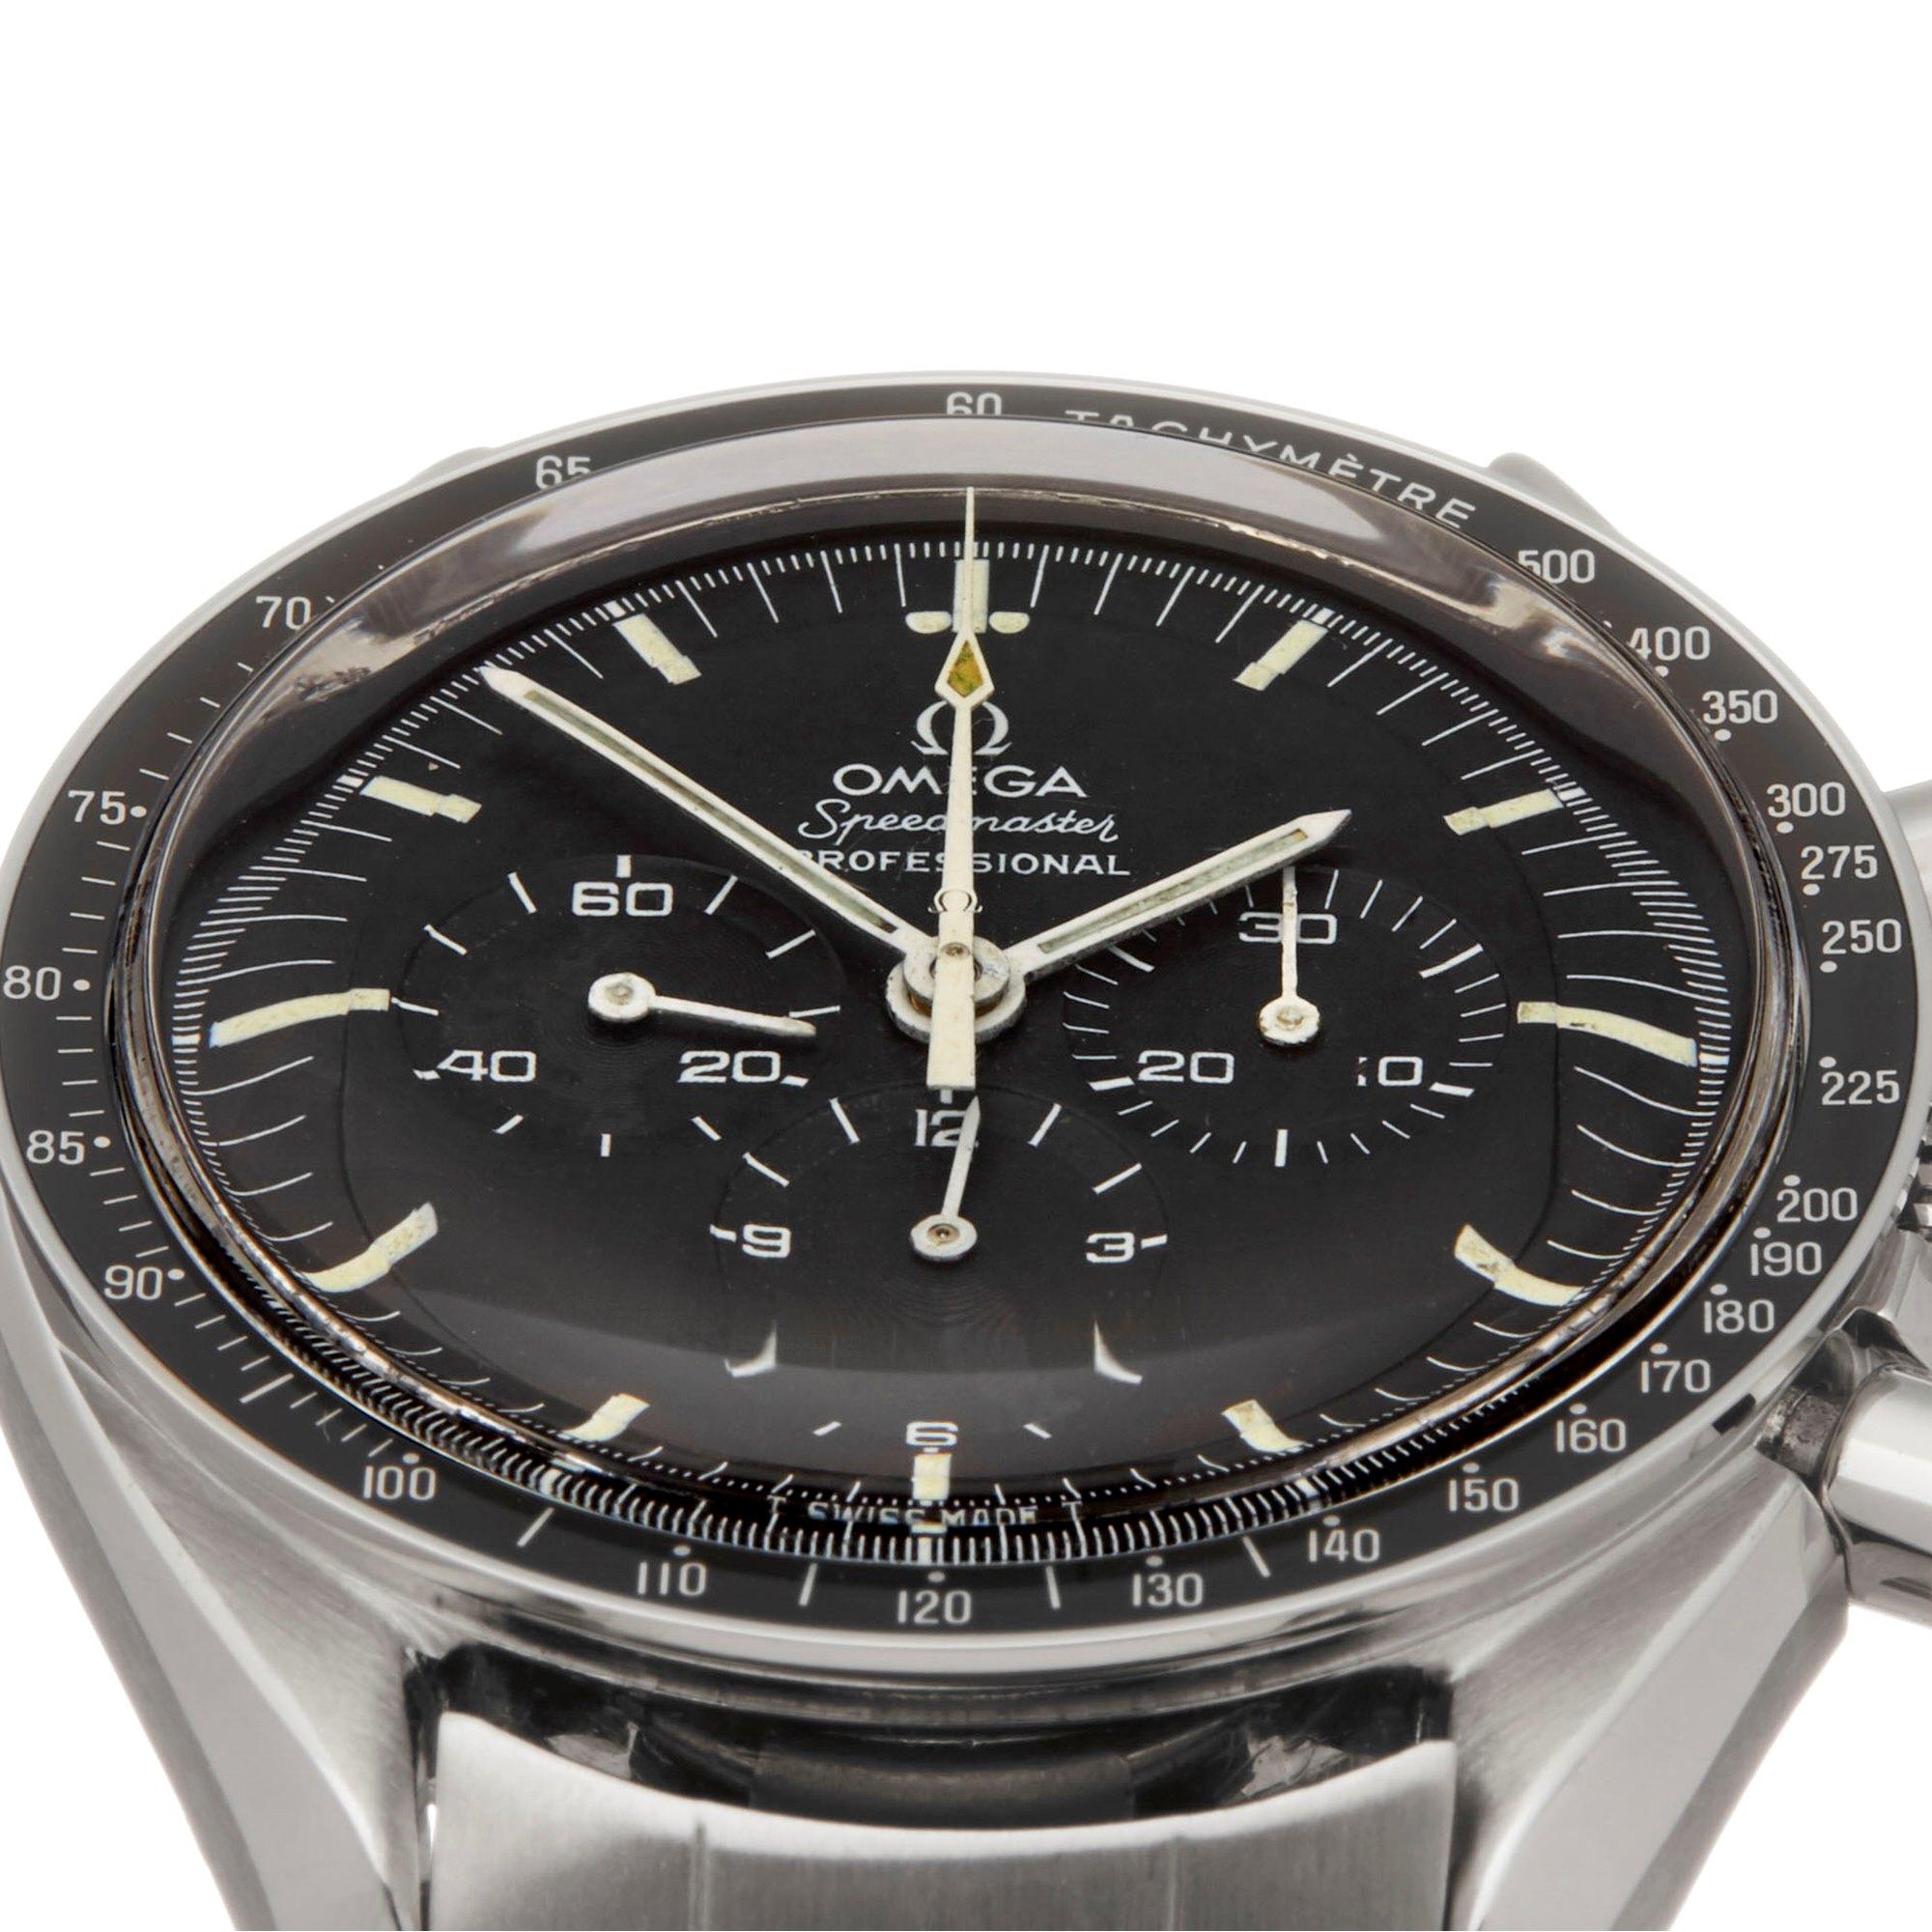 Omega Speedmaster Chronograph Stainless Steel ST 145.022-71